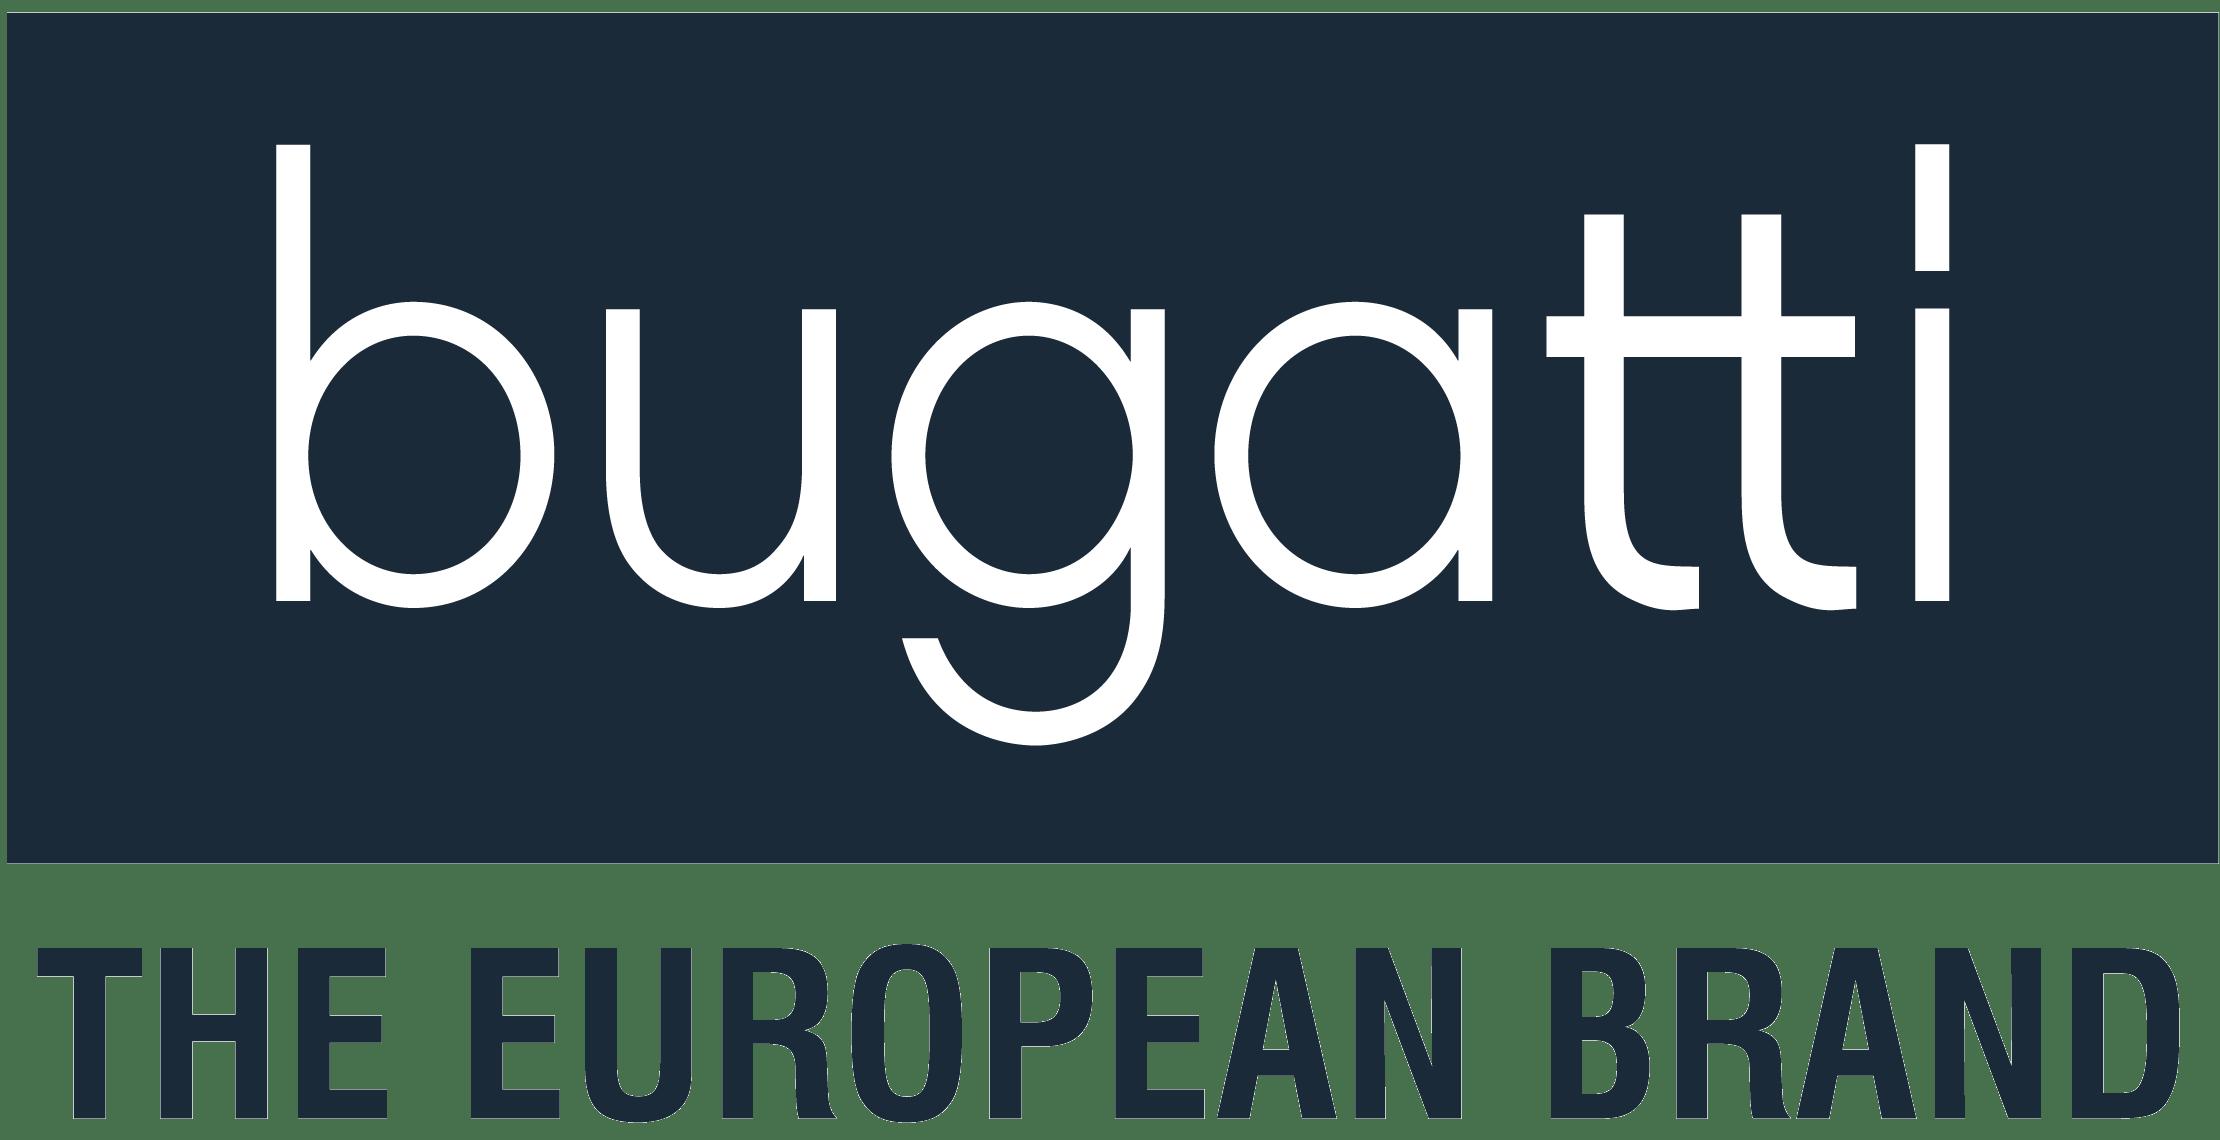 bugatti shoes logos download